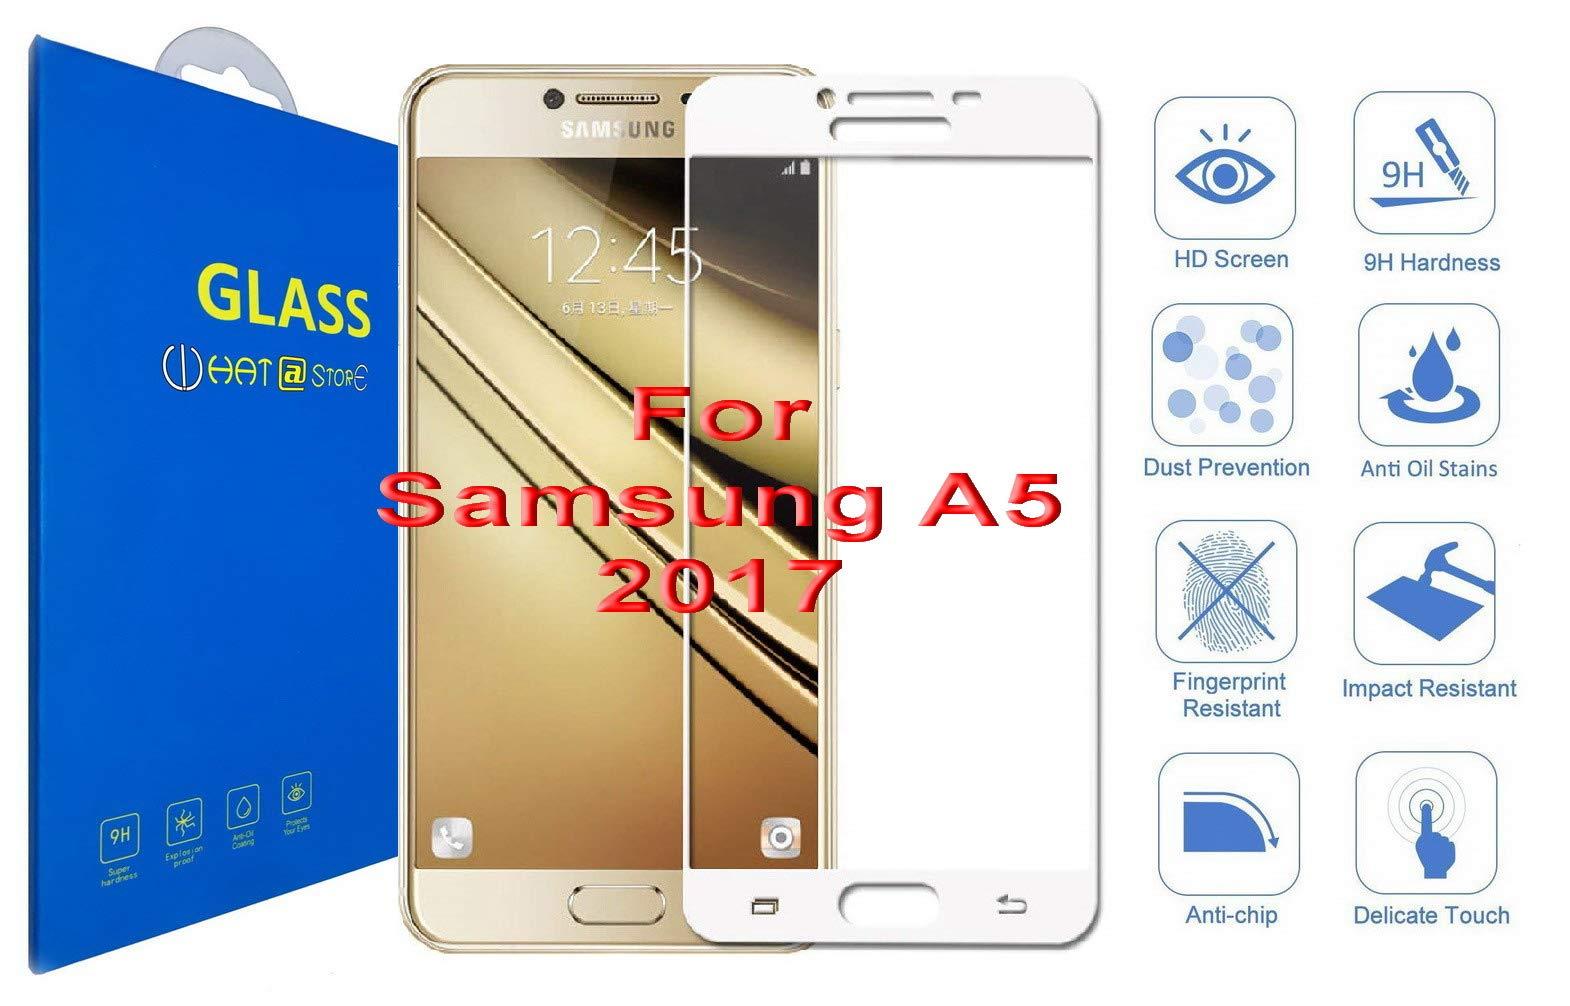 Samsung Galaxy A5 2017 - Curvo 3D Cristal Templado Protector de Pantalla, 3D Completo Borde Curvado [ Borde a Borde ] para Samsung Galaxy A5 (2017) / Samsung Galaxy A5 (2017) Duos (Blanco): Amazon.es: Electrónica